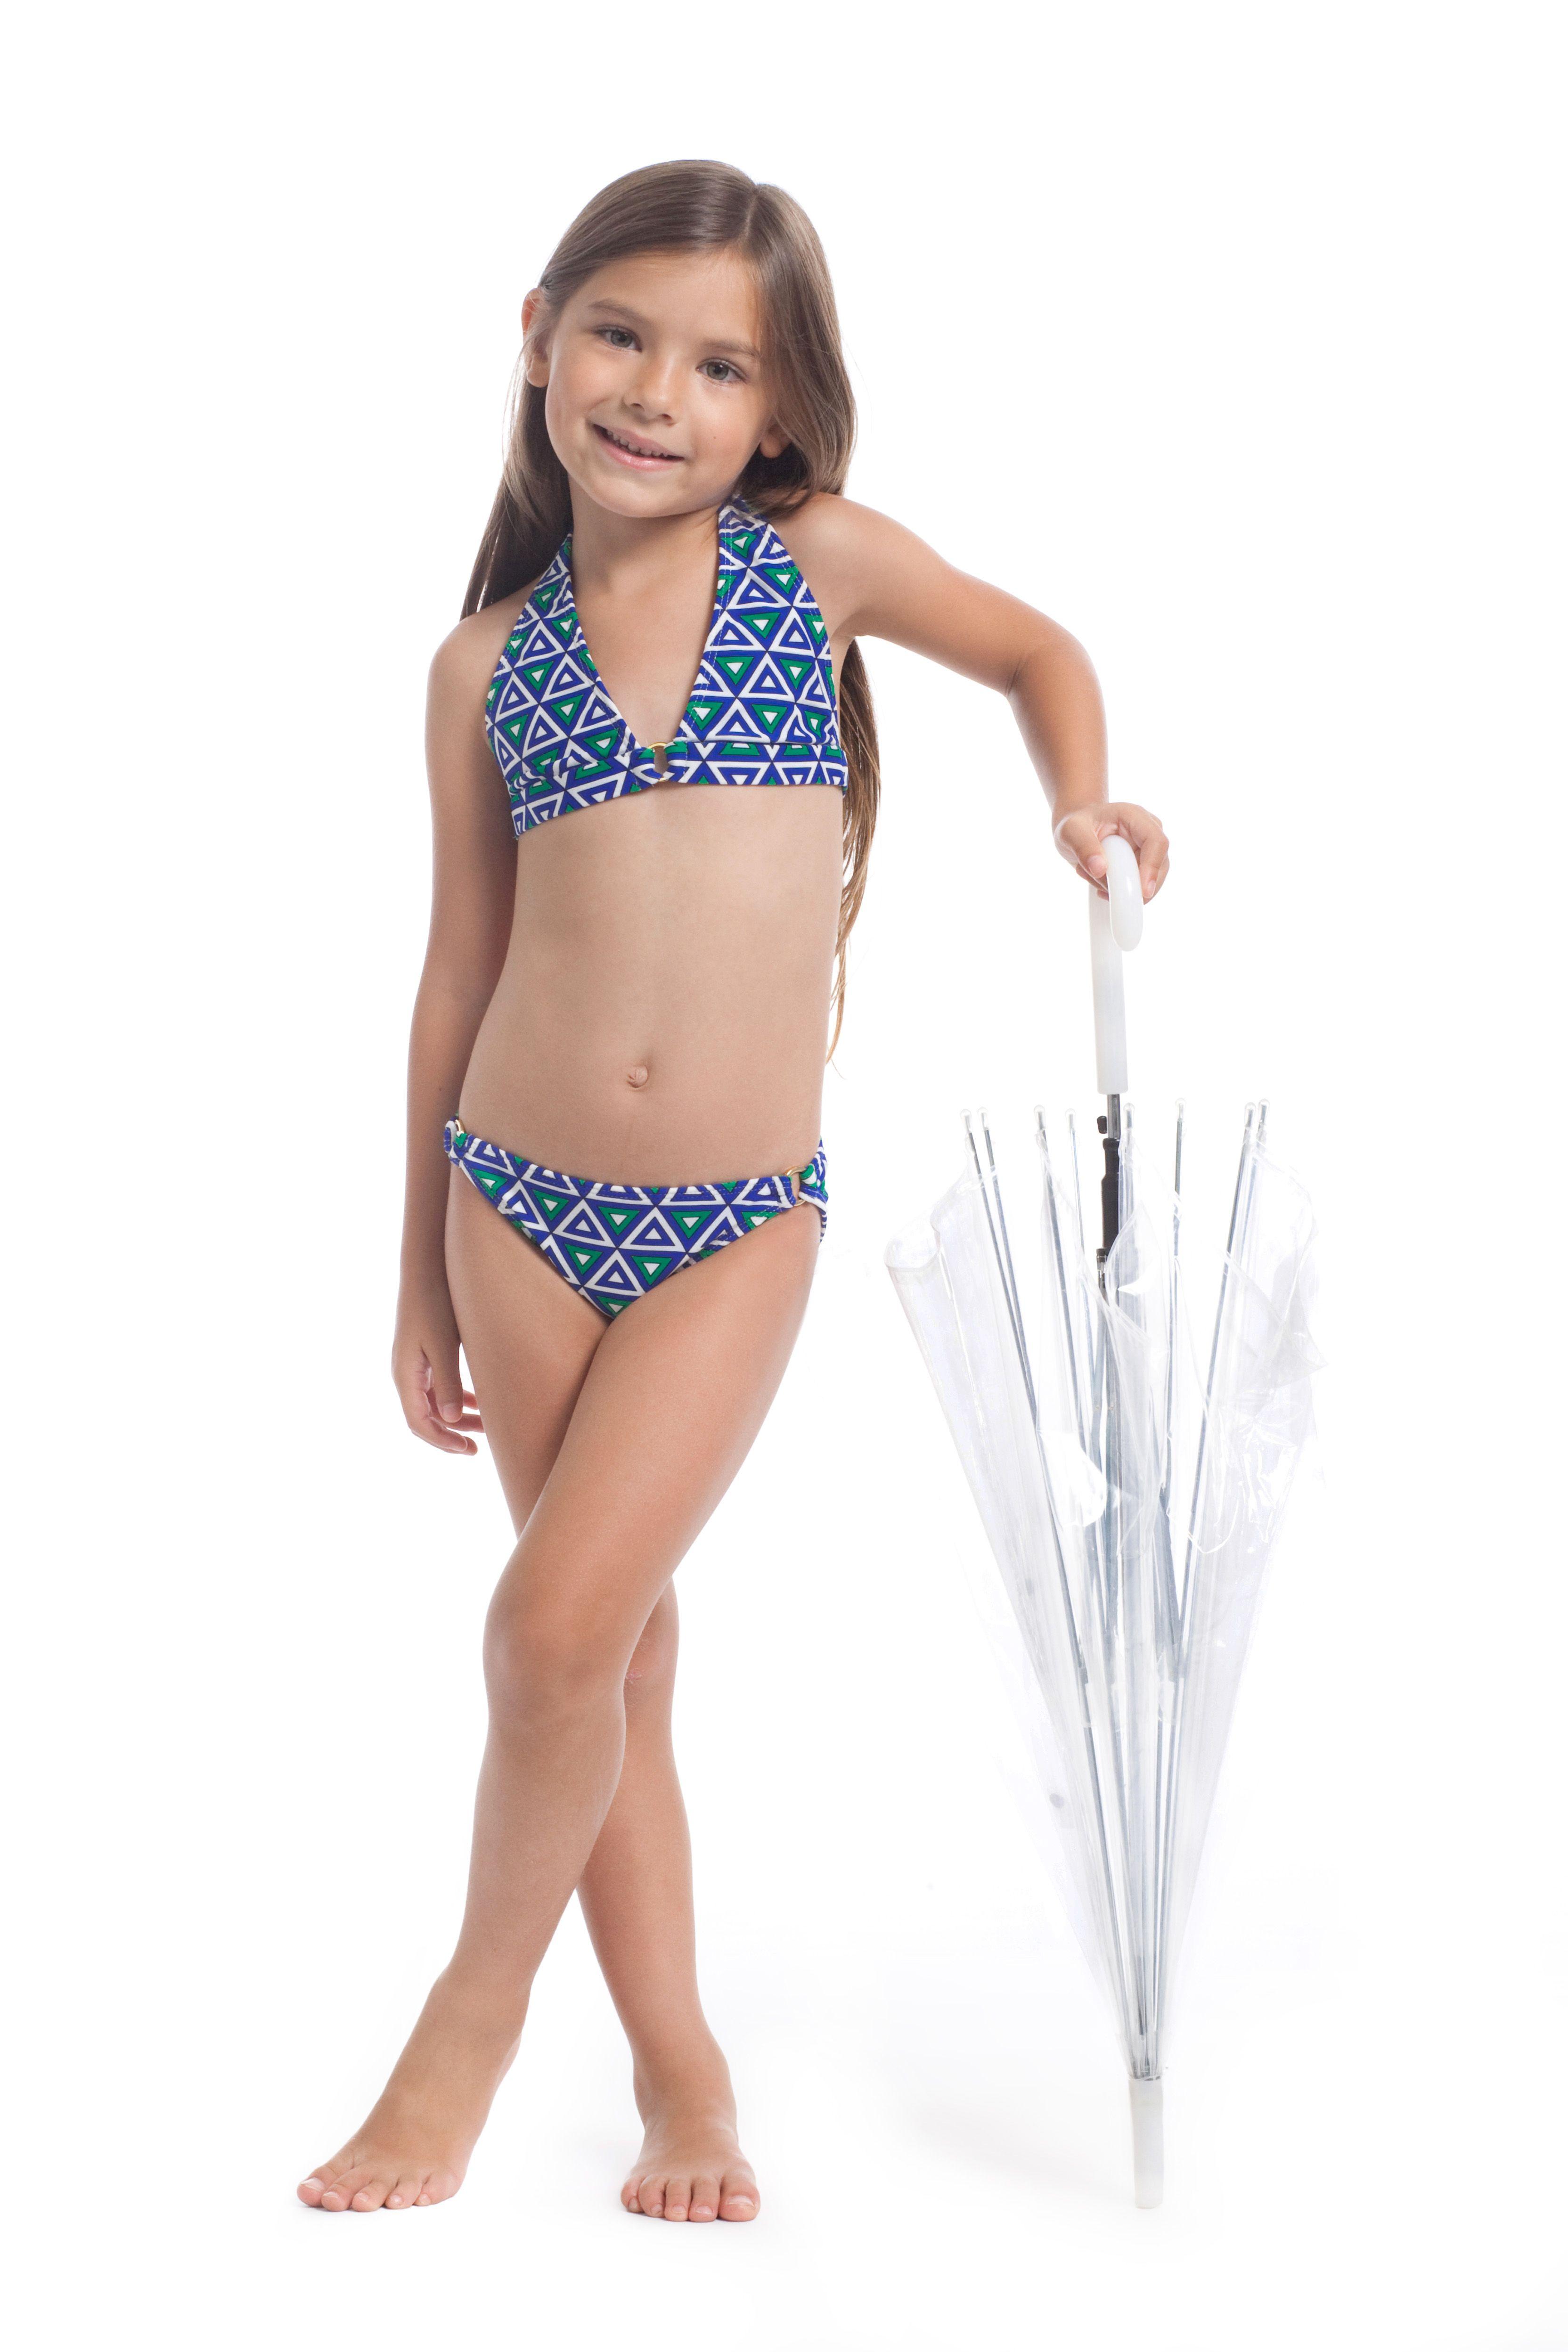 full-size-girl-bikini-pics